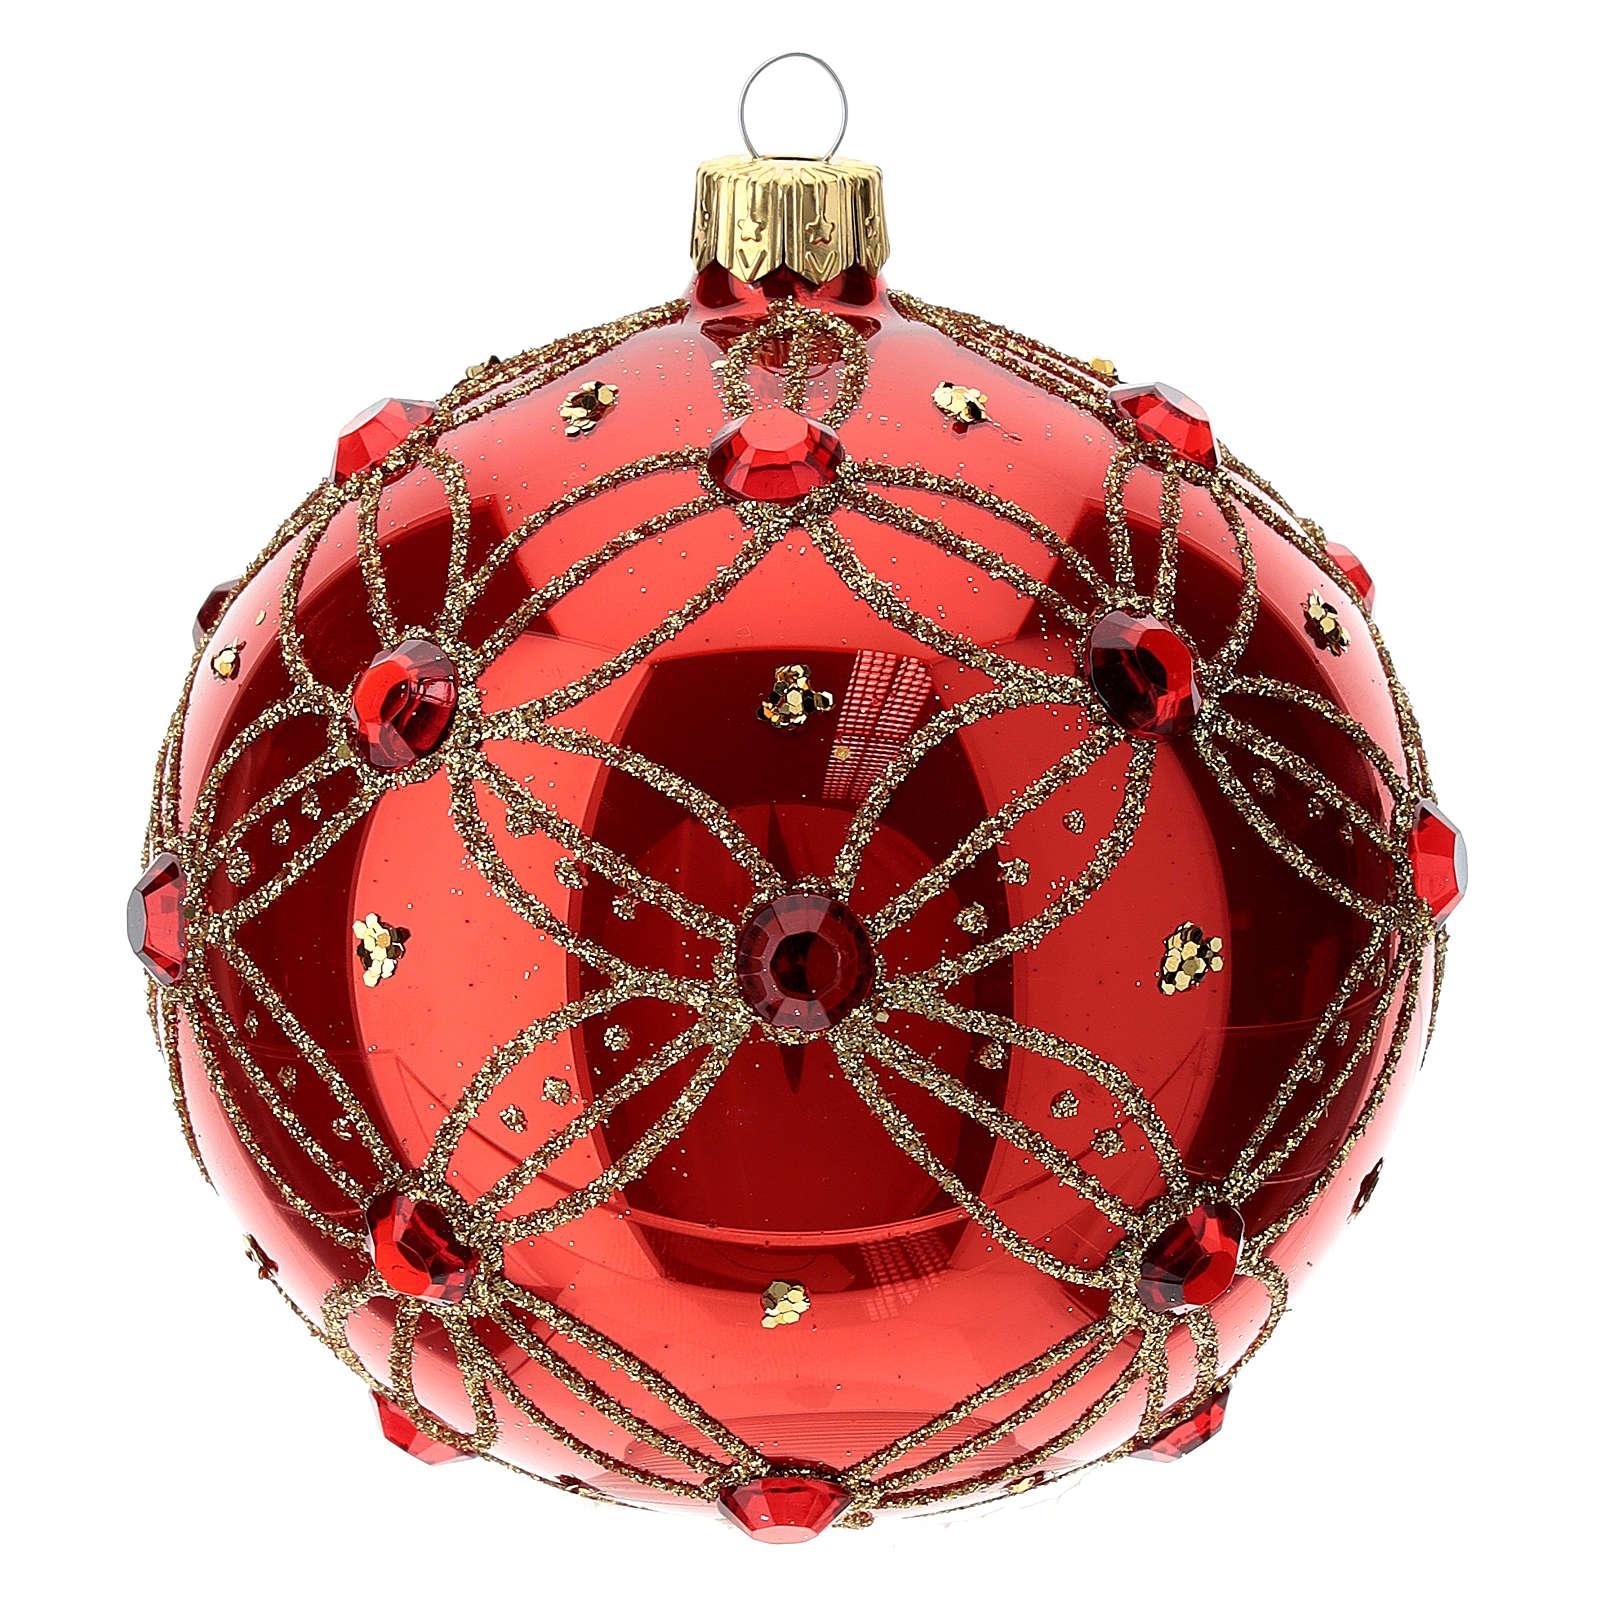 STOCK Boule verre 100 mm rouge avec pierres rouges décoration dorée 4